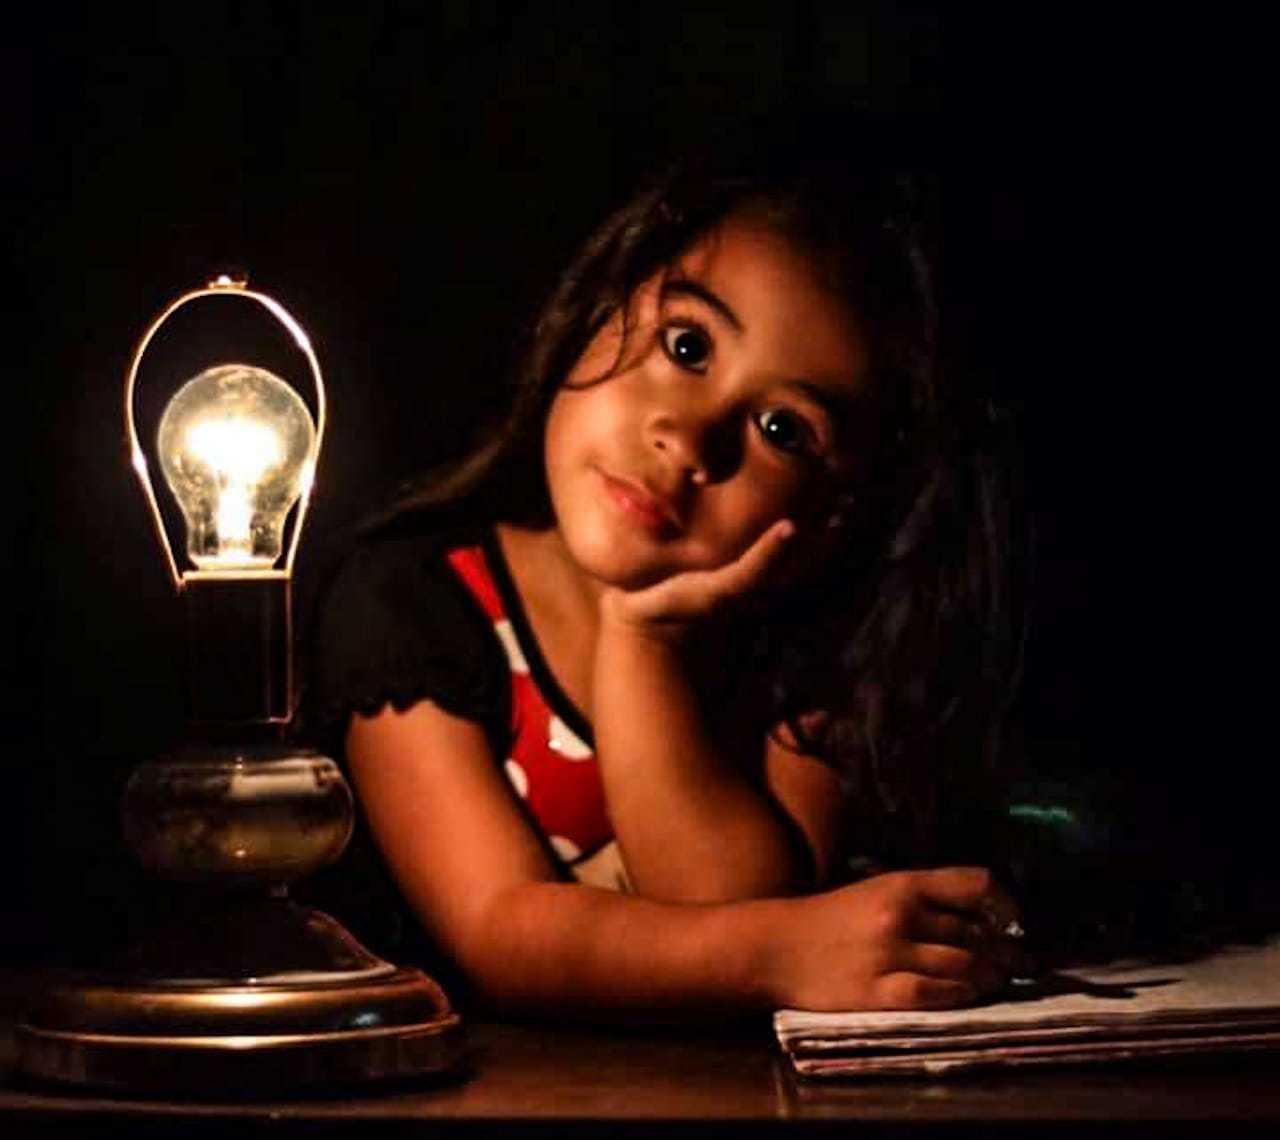 Período sem aula pode ser aproveitado para estimular a leitura entre crianças e jovens. (Foto: Marcos Maluf)